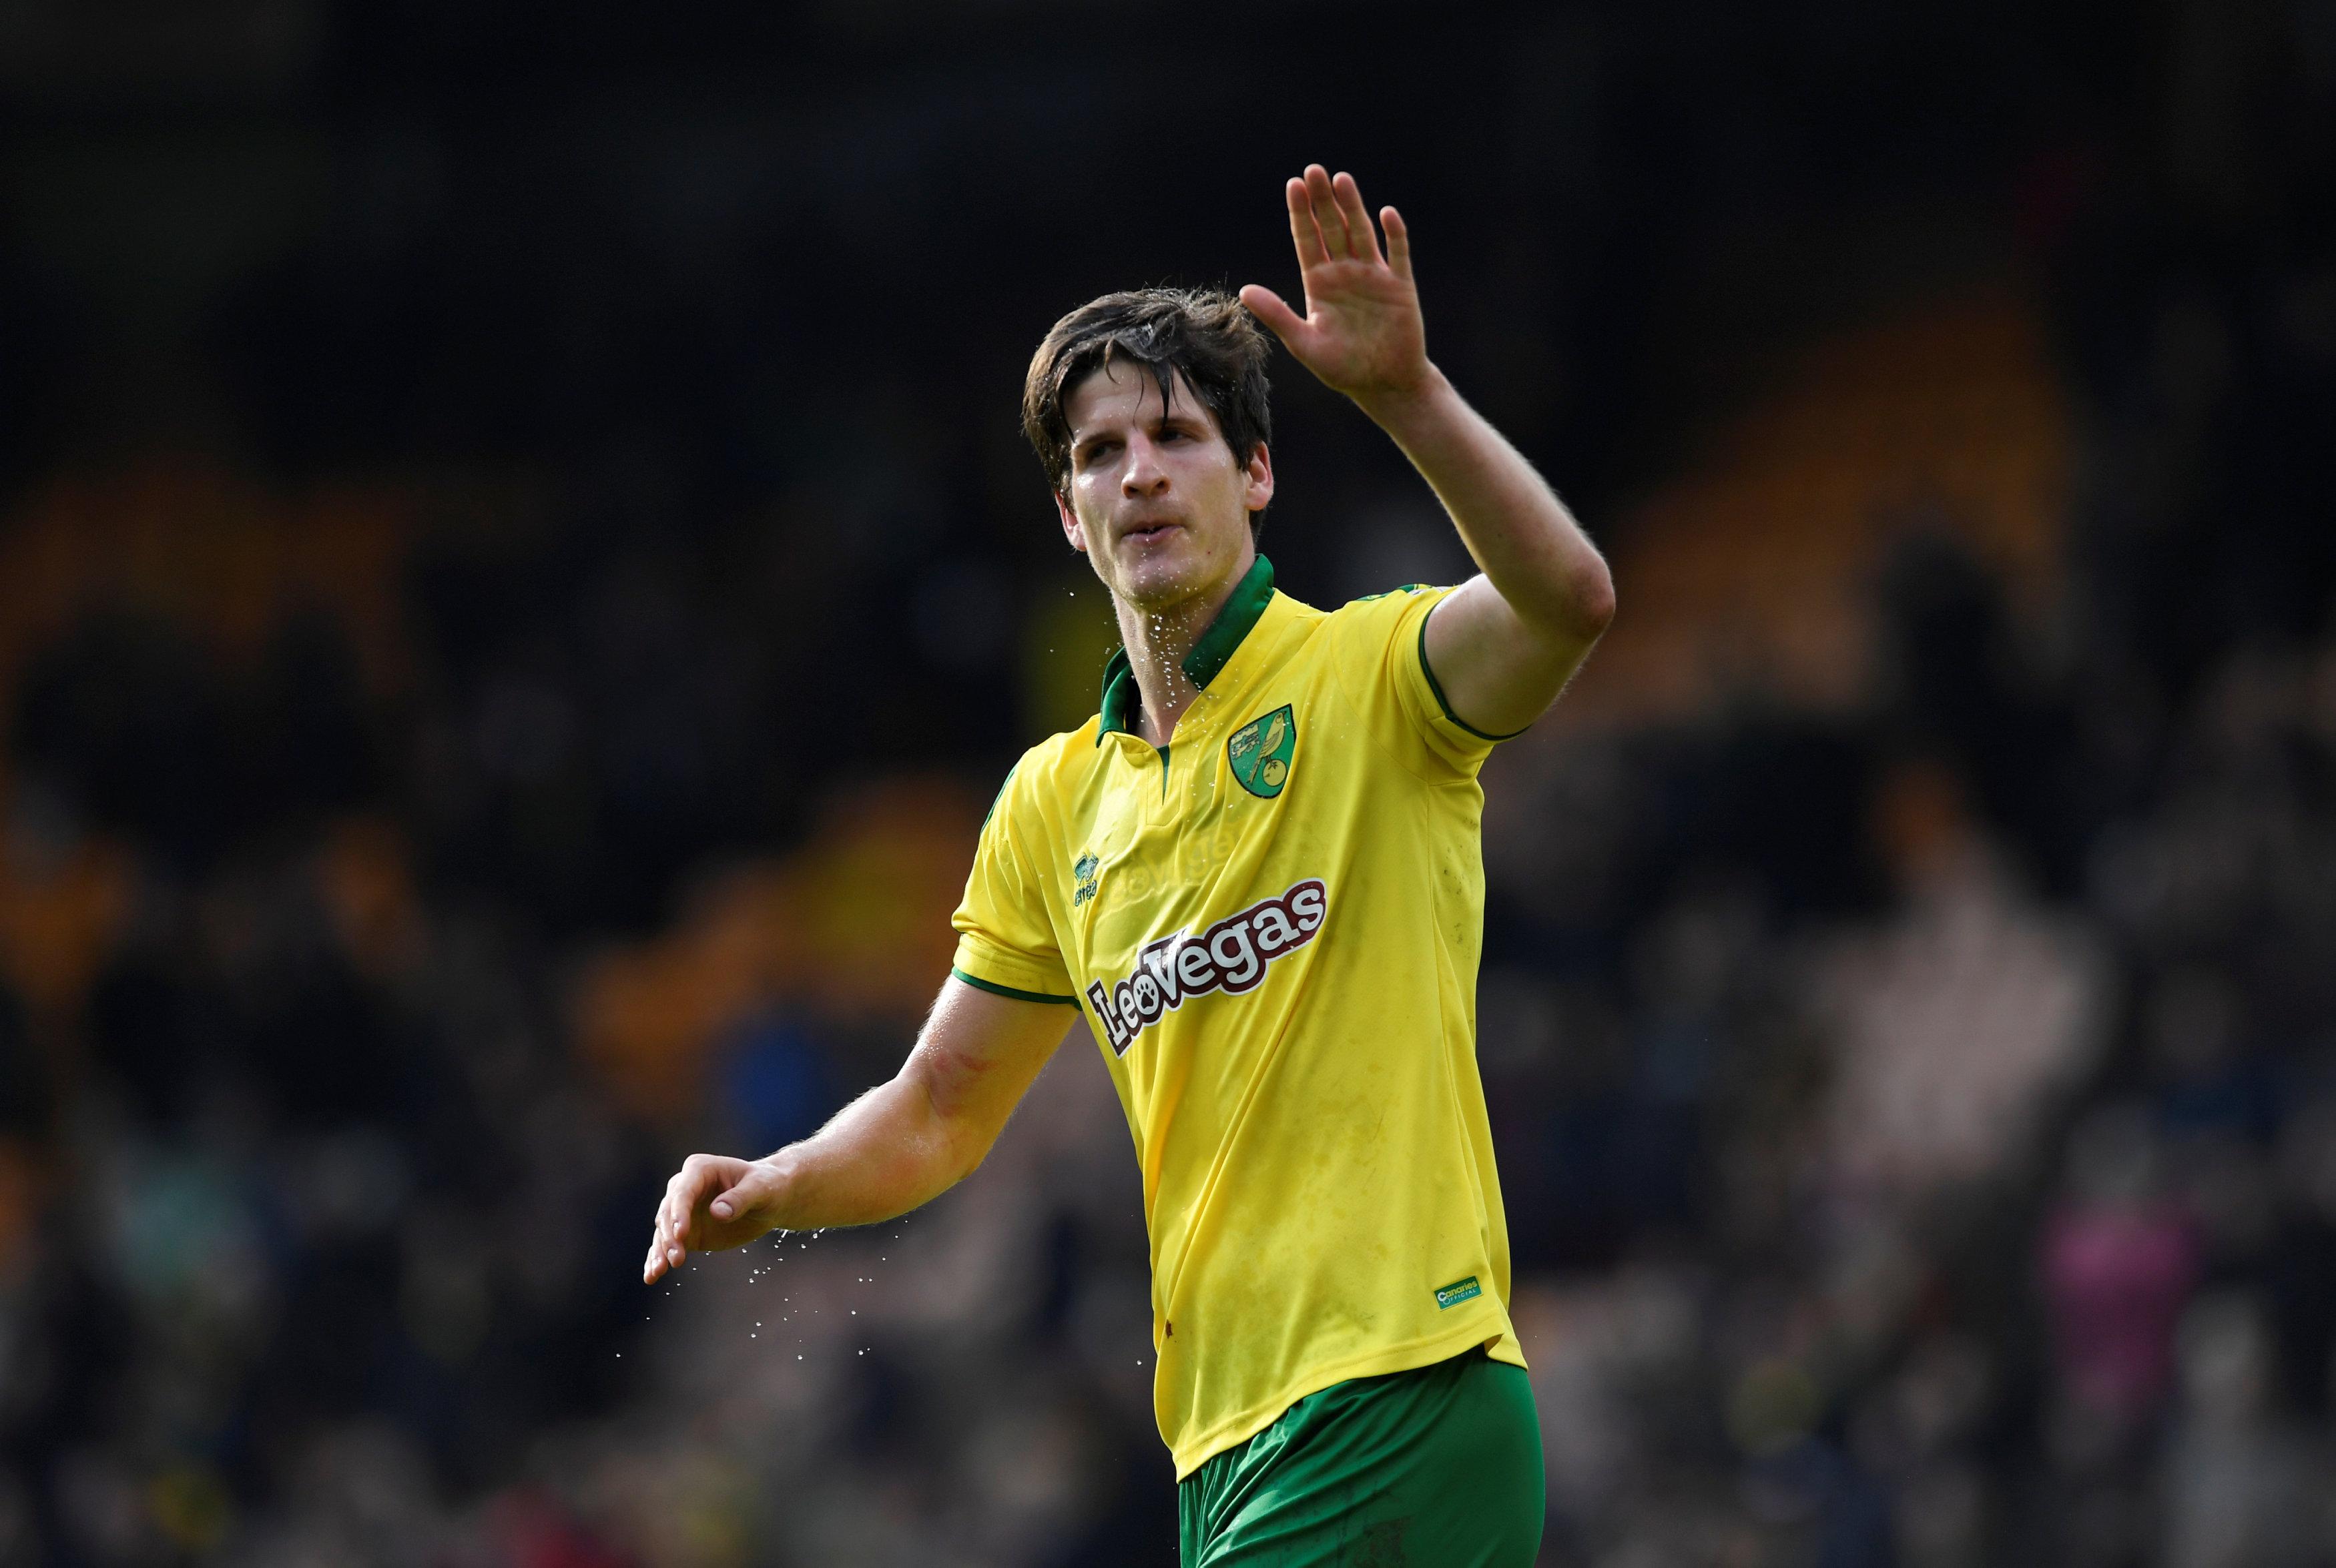 Timm Klose Norwich City squad 2019